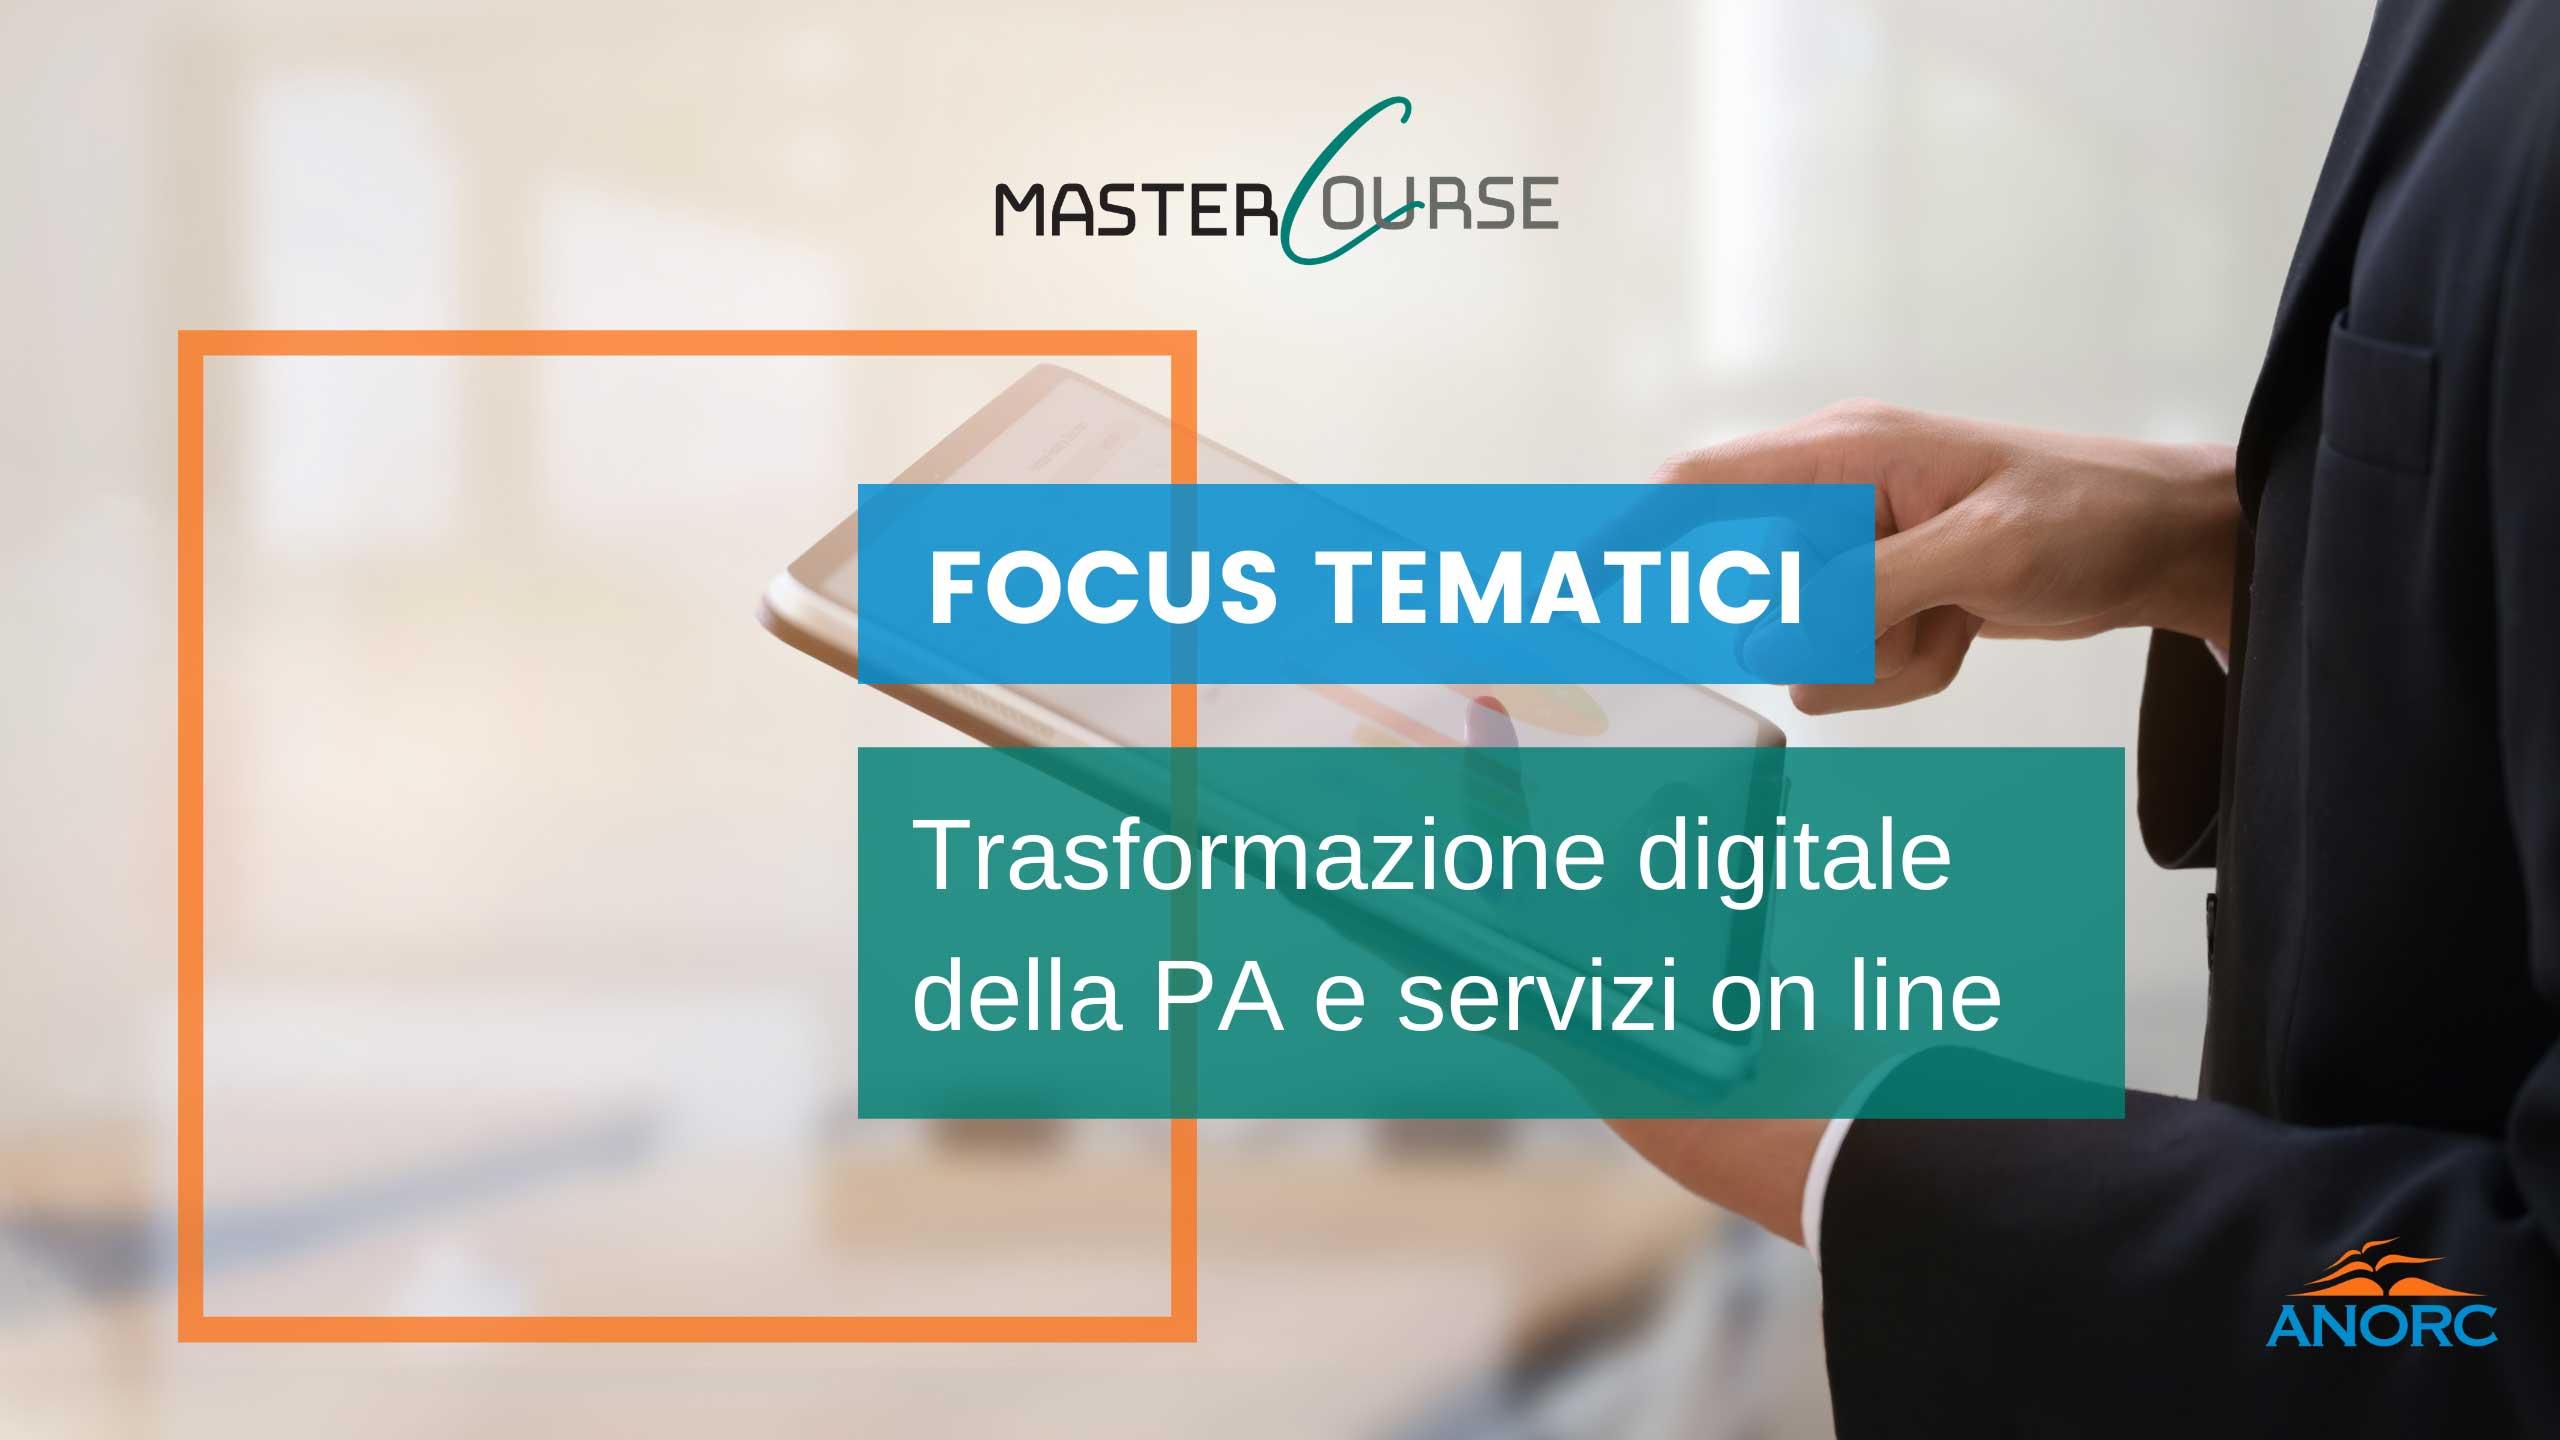 14^ giornata 7 luglio 2021 - Trasformazione digitale della PA e servizi on line